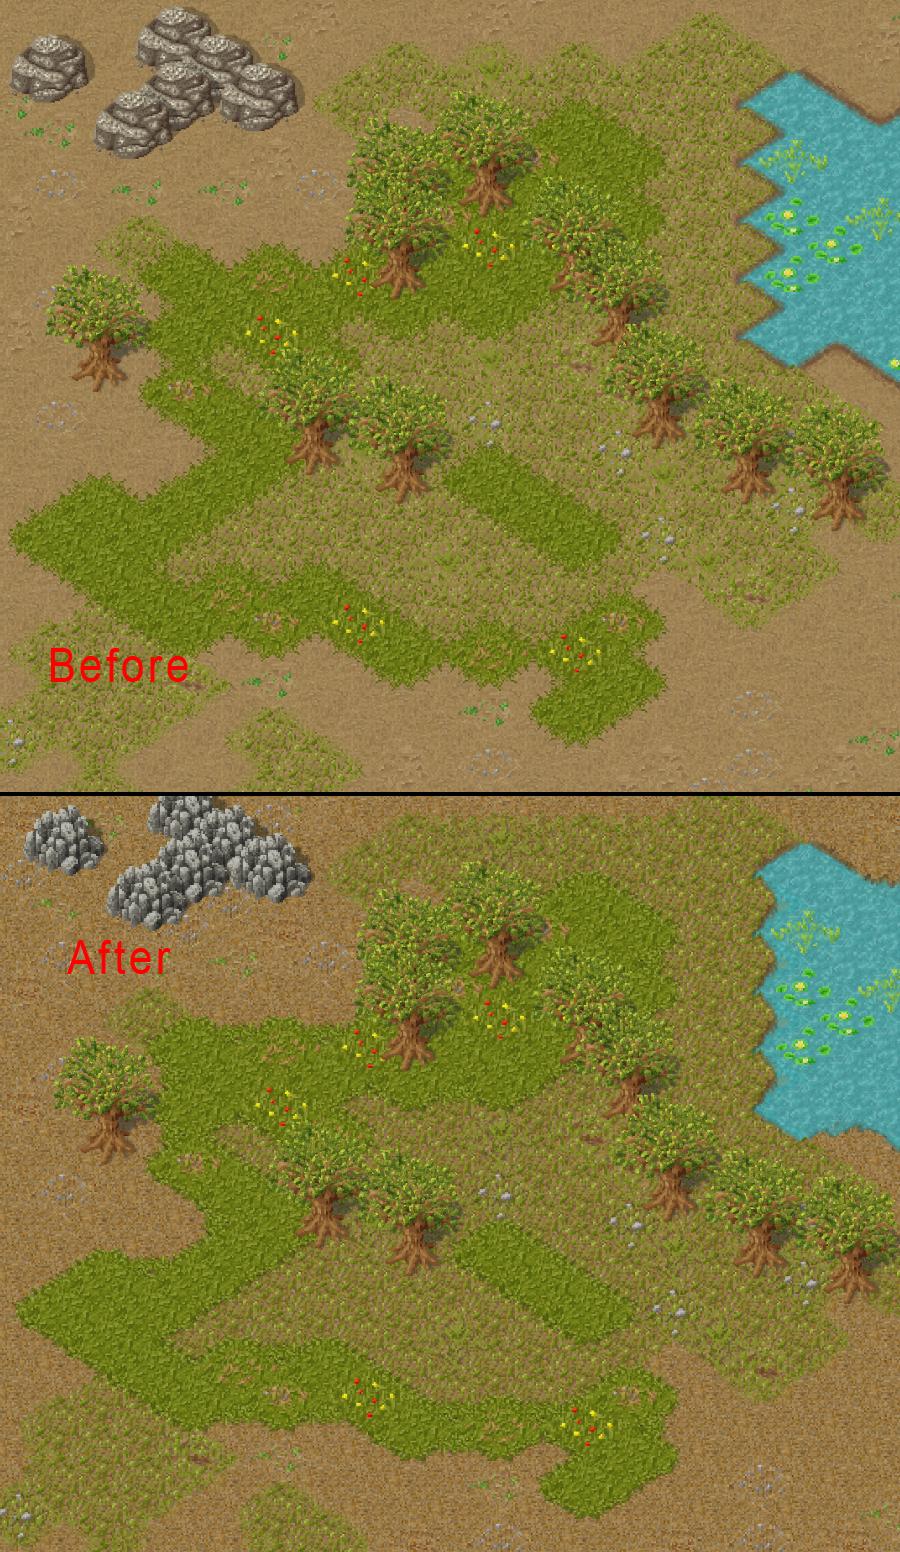 Terrain Comparison